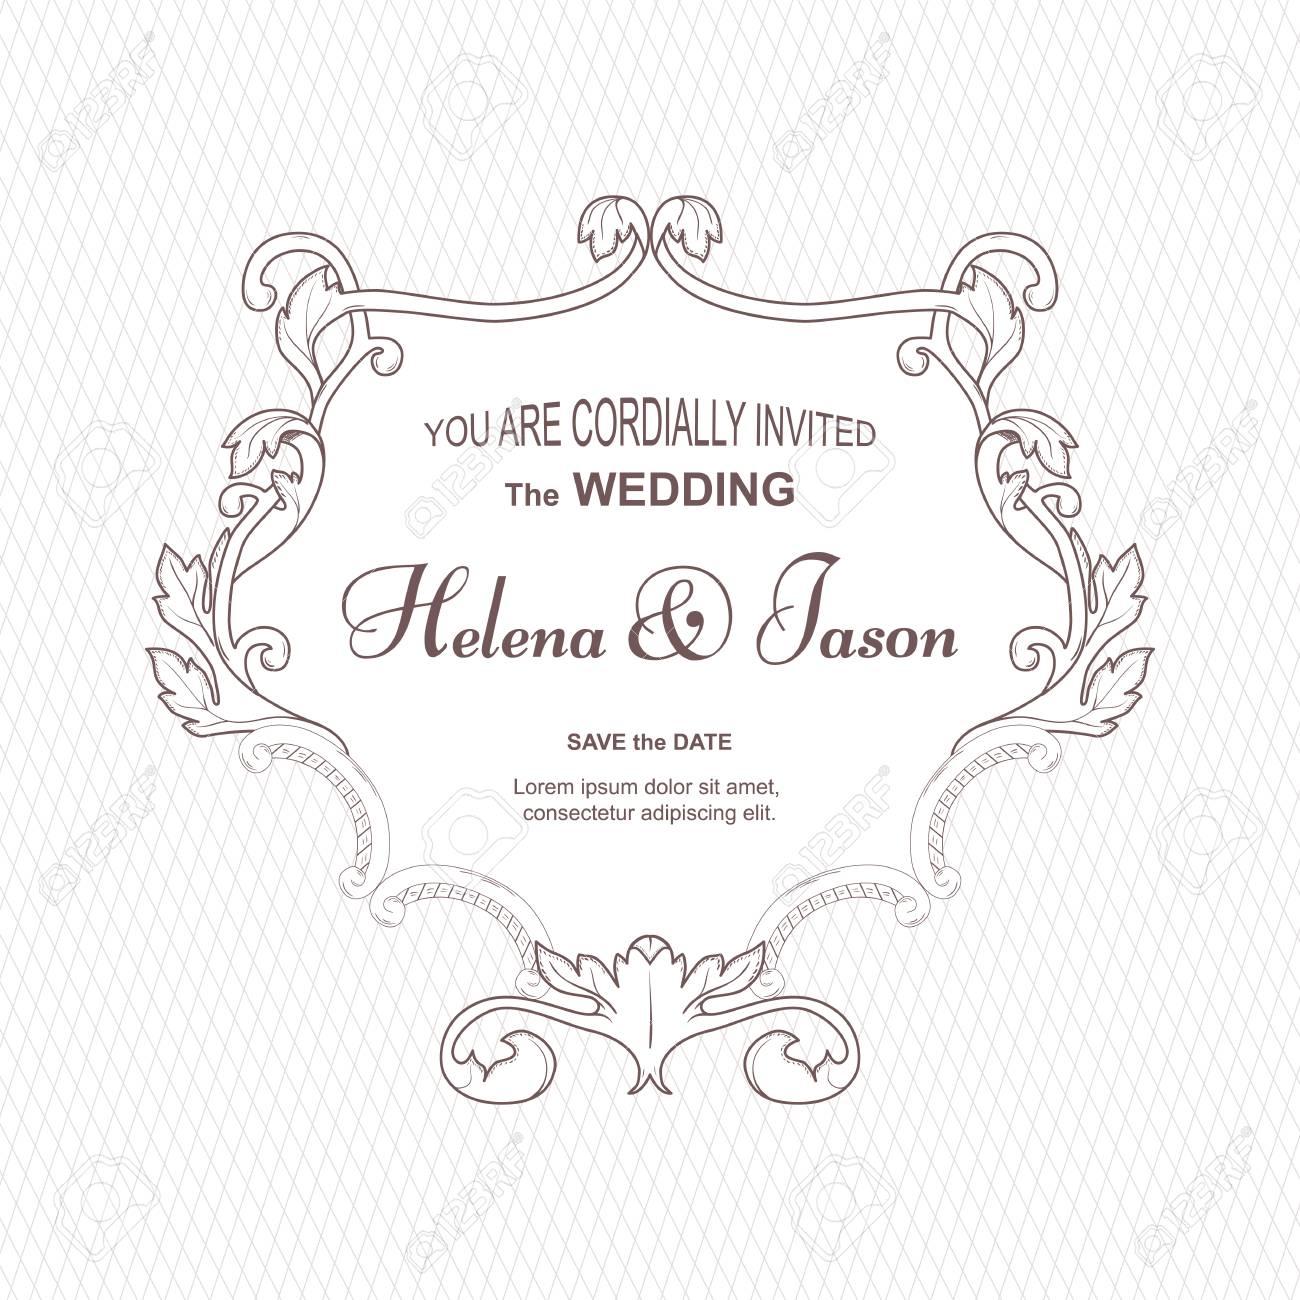 Elegant Vintage Frame For The Wedding Invitation, White. The ...